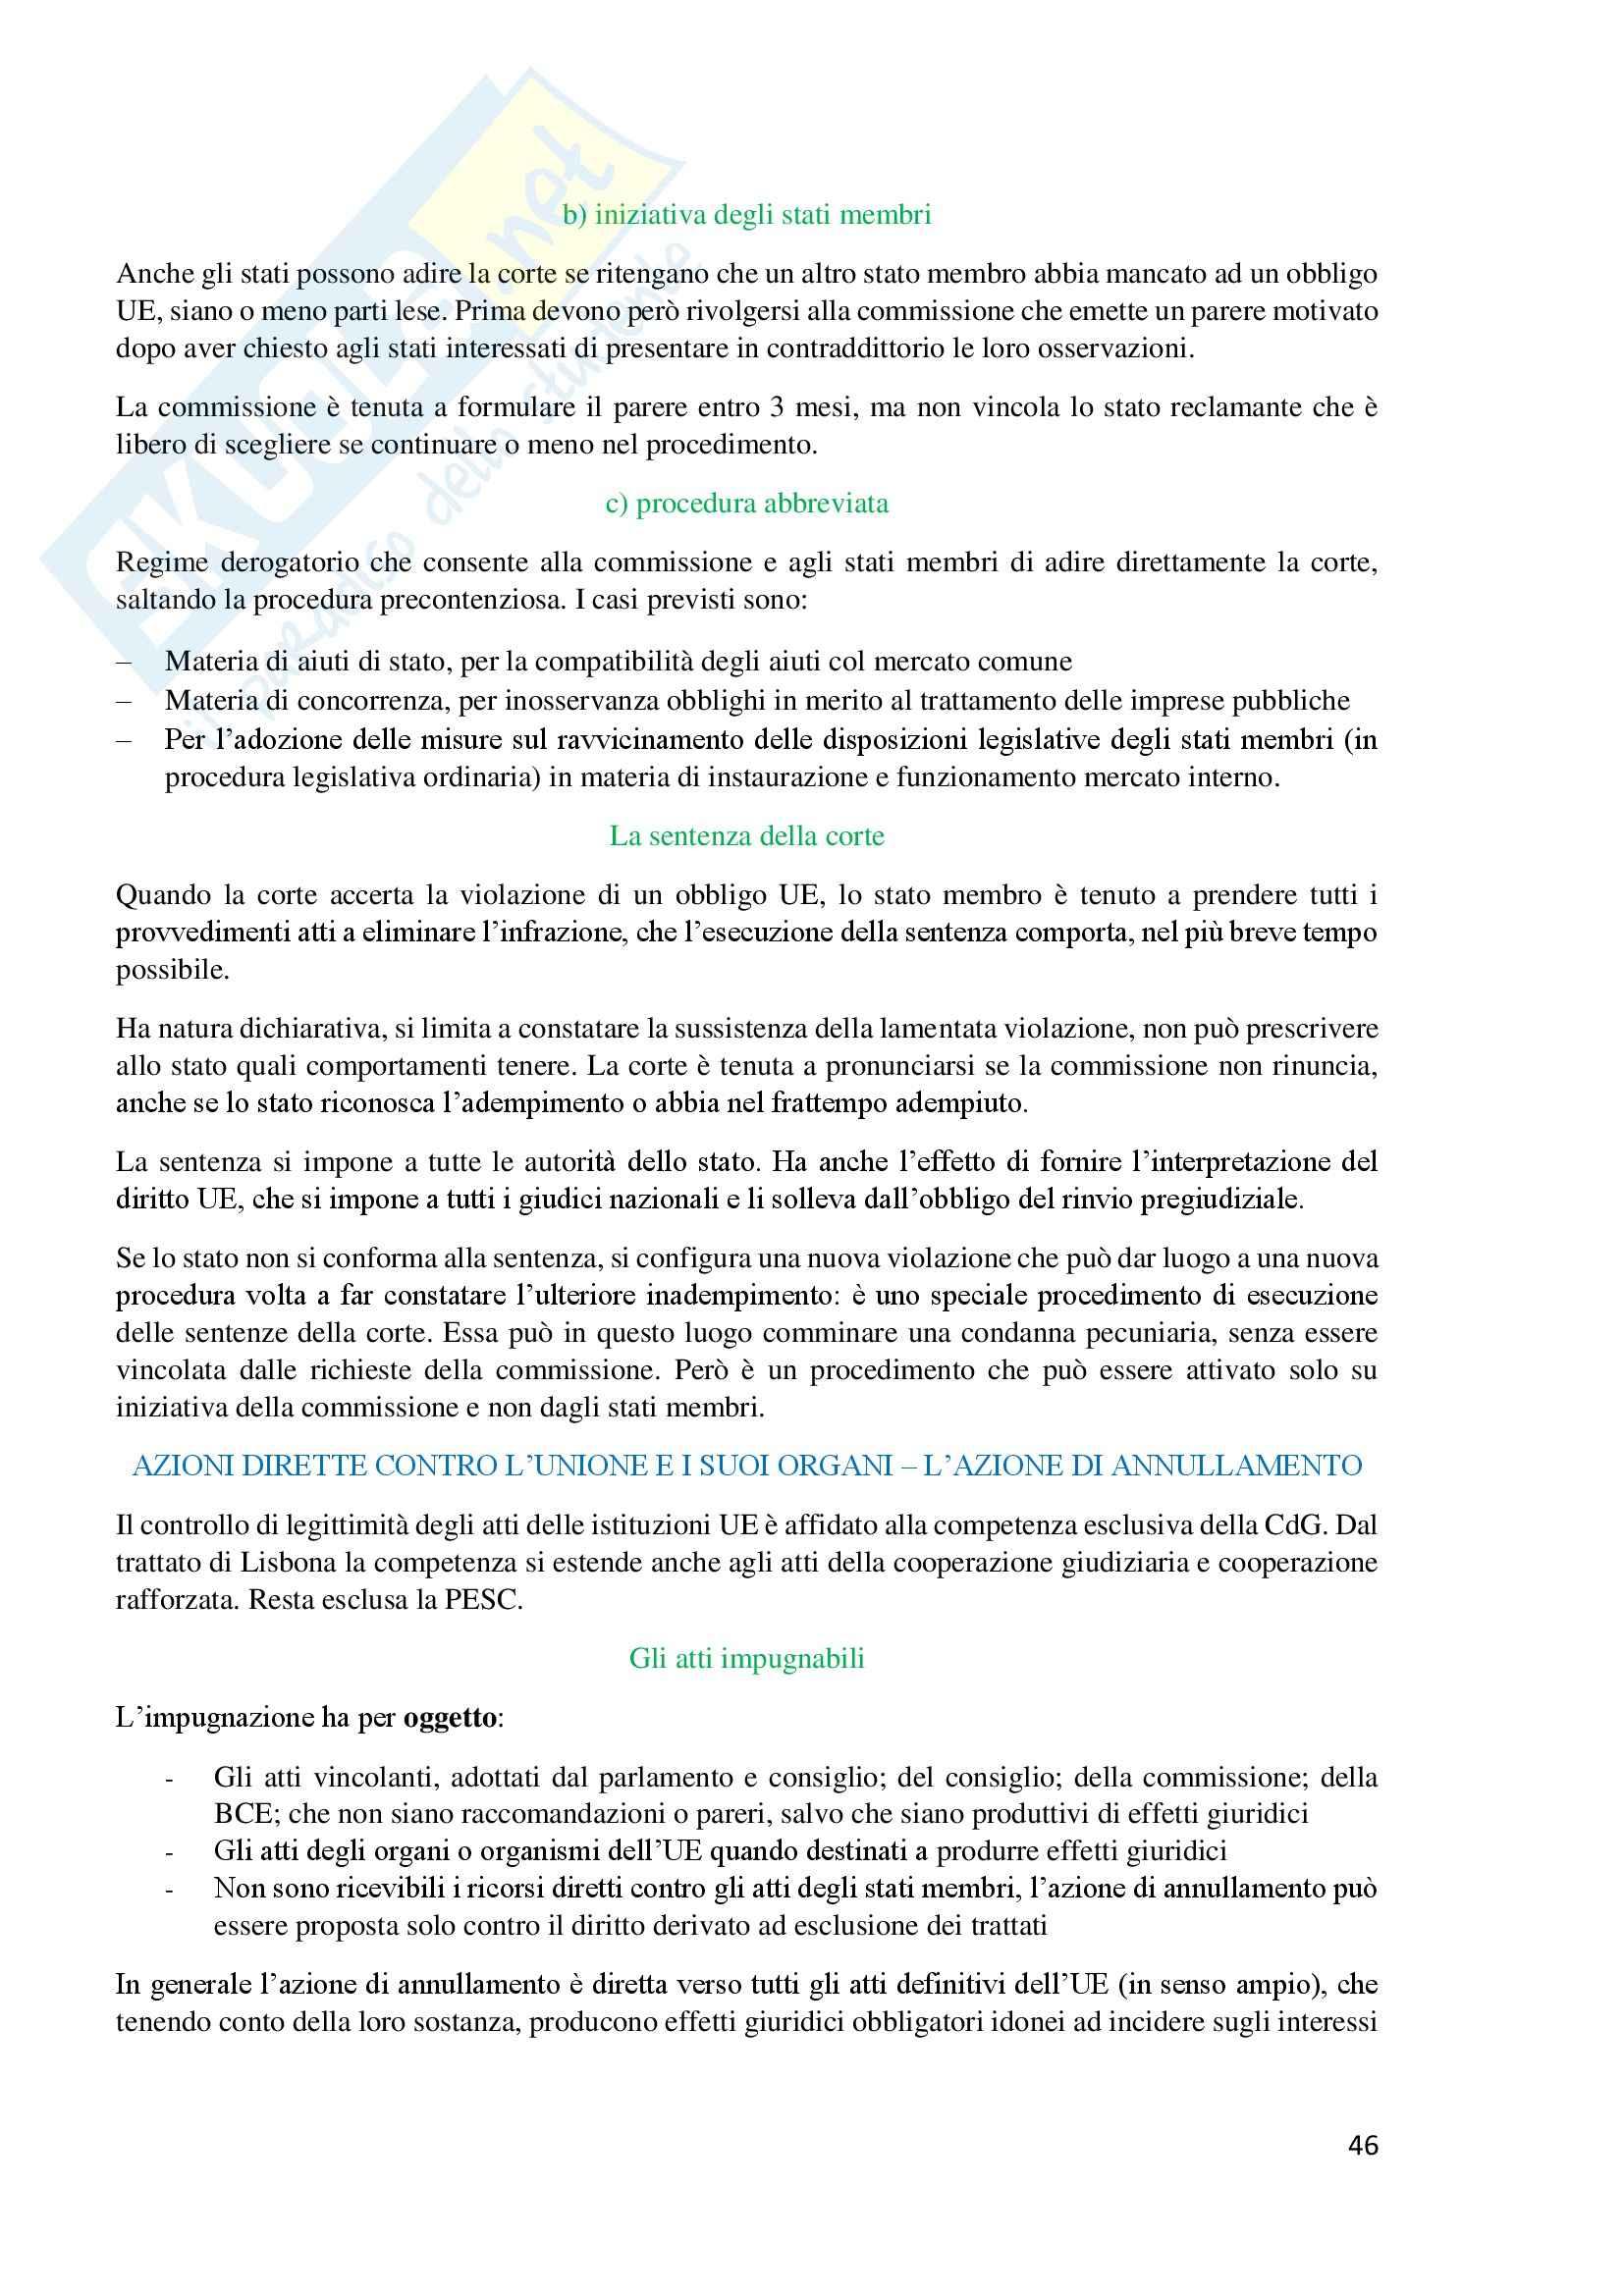 Lezioni, Diritto dell'Unione Europea Pag. 46